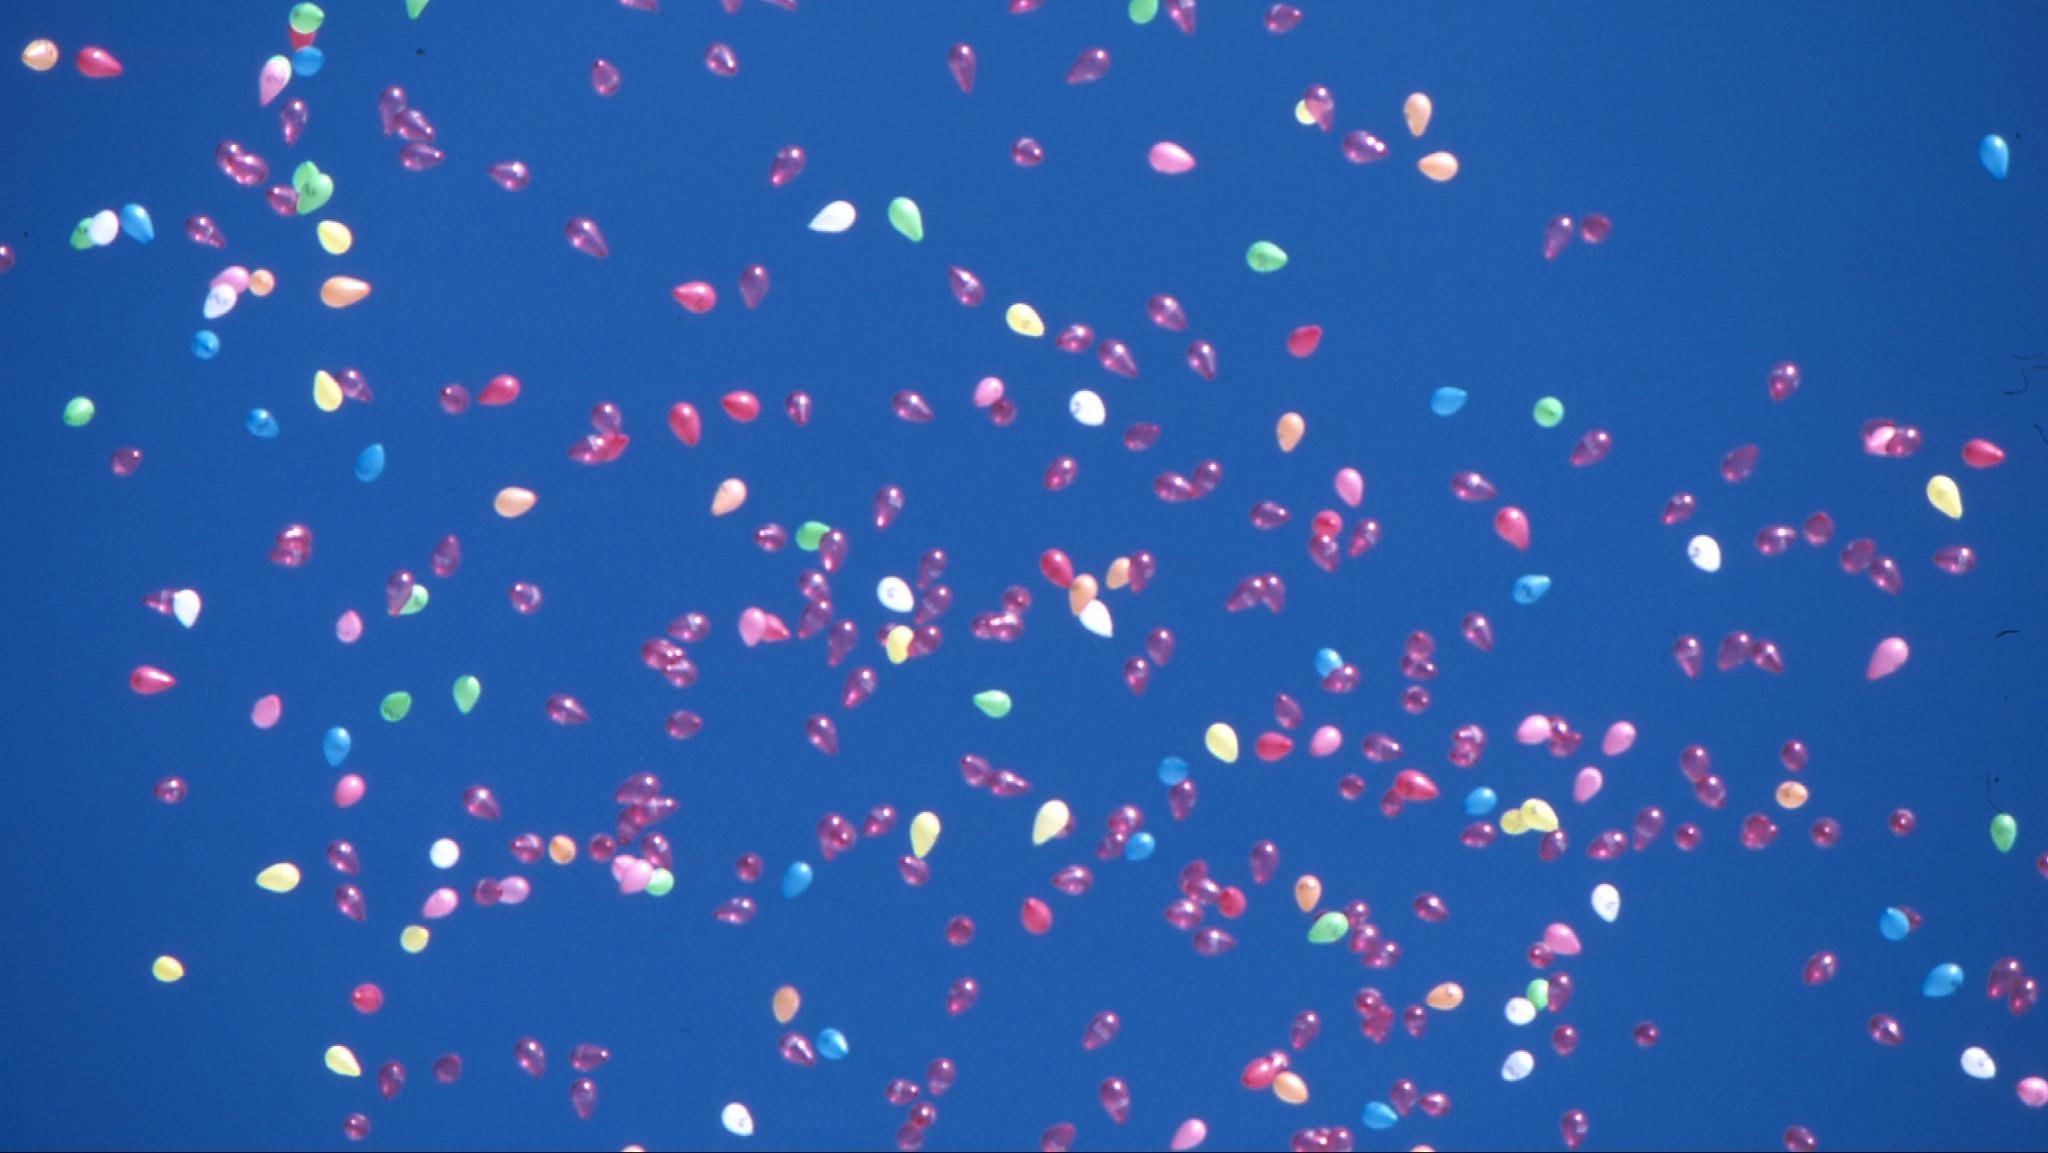 Snart är det sommar och ledigheter - bild på ballonguppsläpp